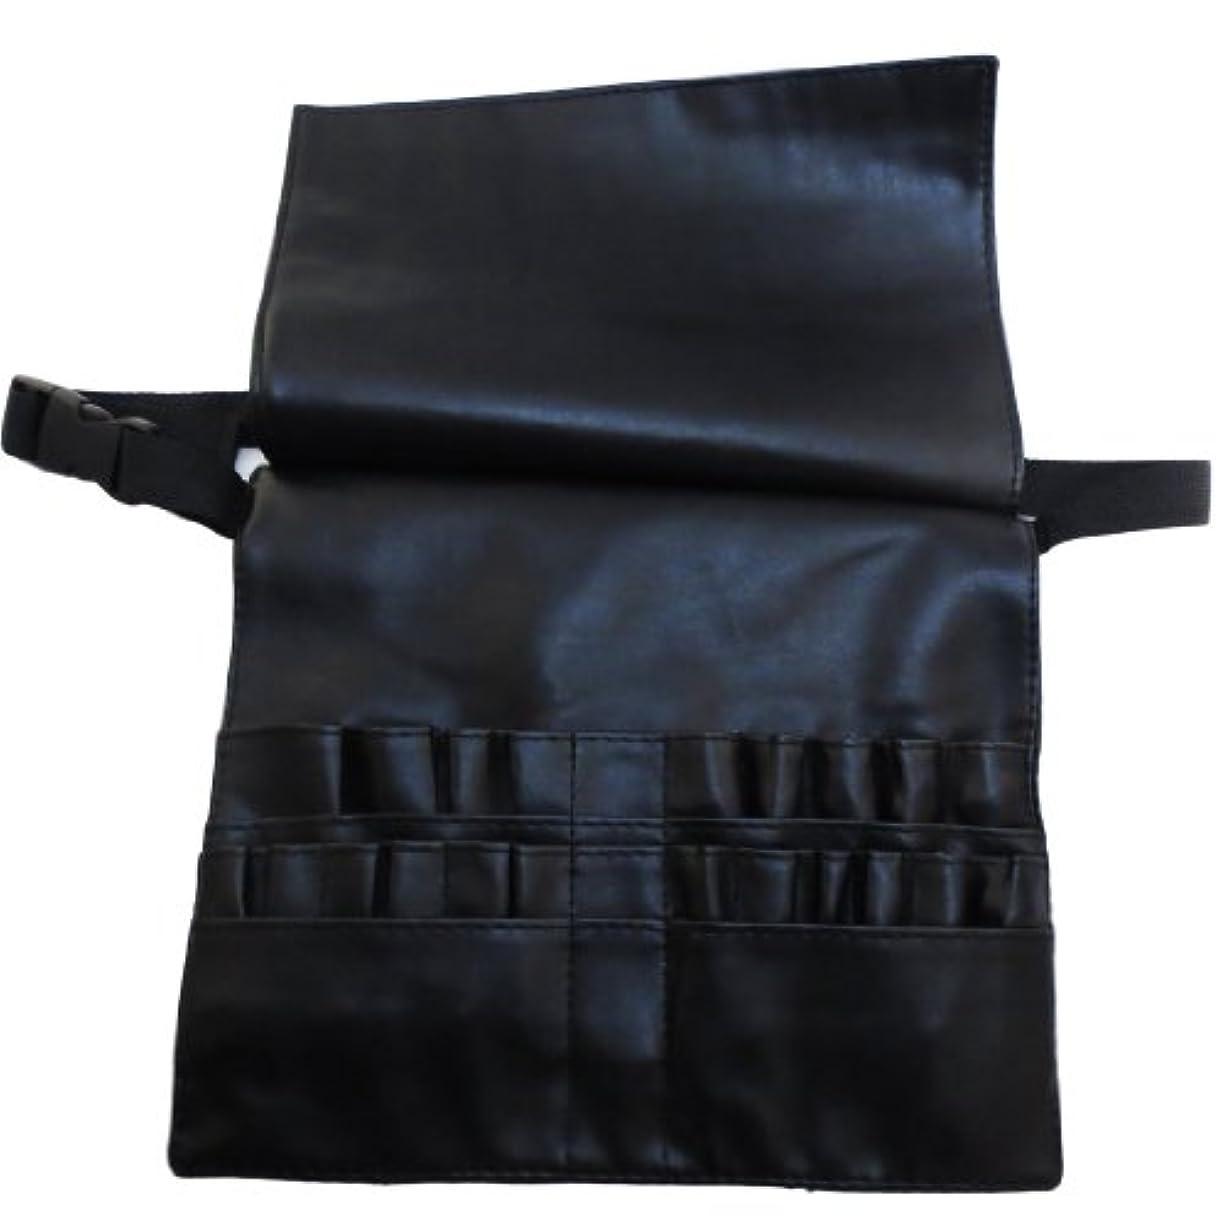 クリケット然とした高原[モノジー] MONOZY メイクブラシ ケース 蓋付き プロ用 腰巻き メイク バッグ カラビナ セット